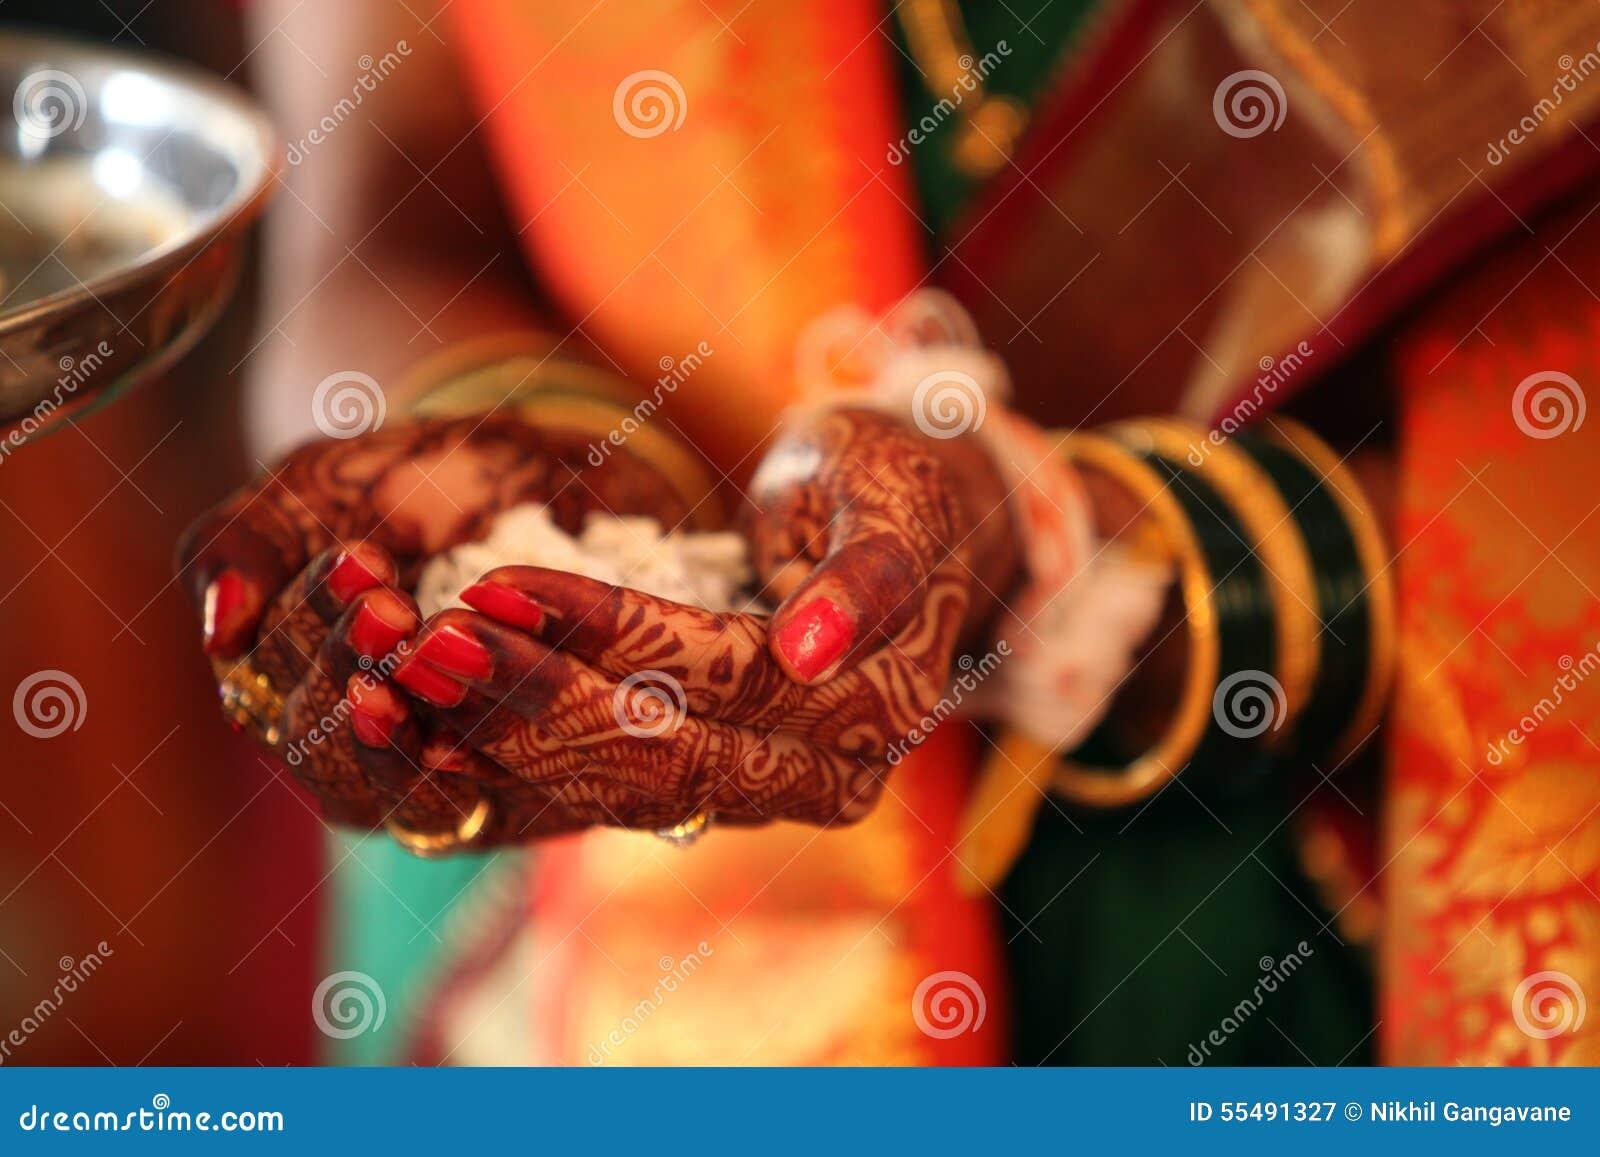 Религиозный ритуал свадьбы